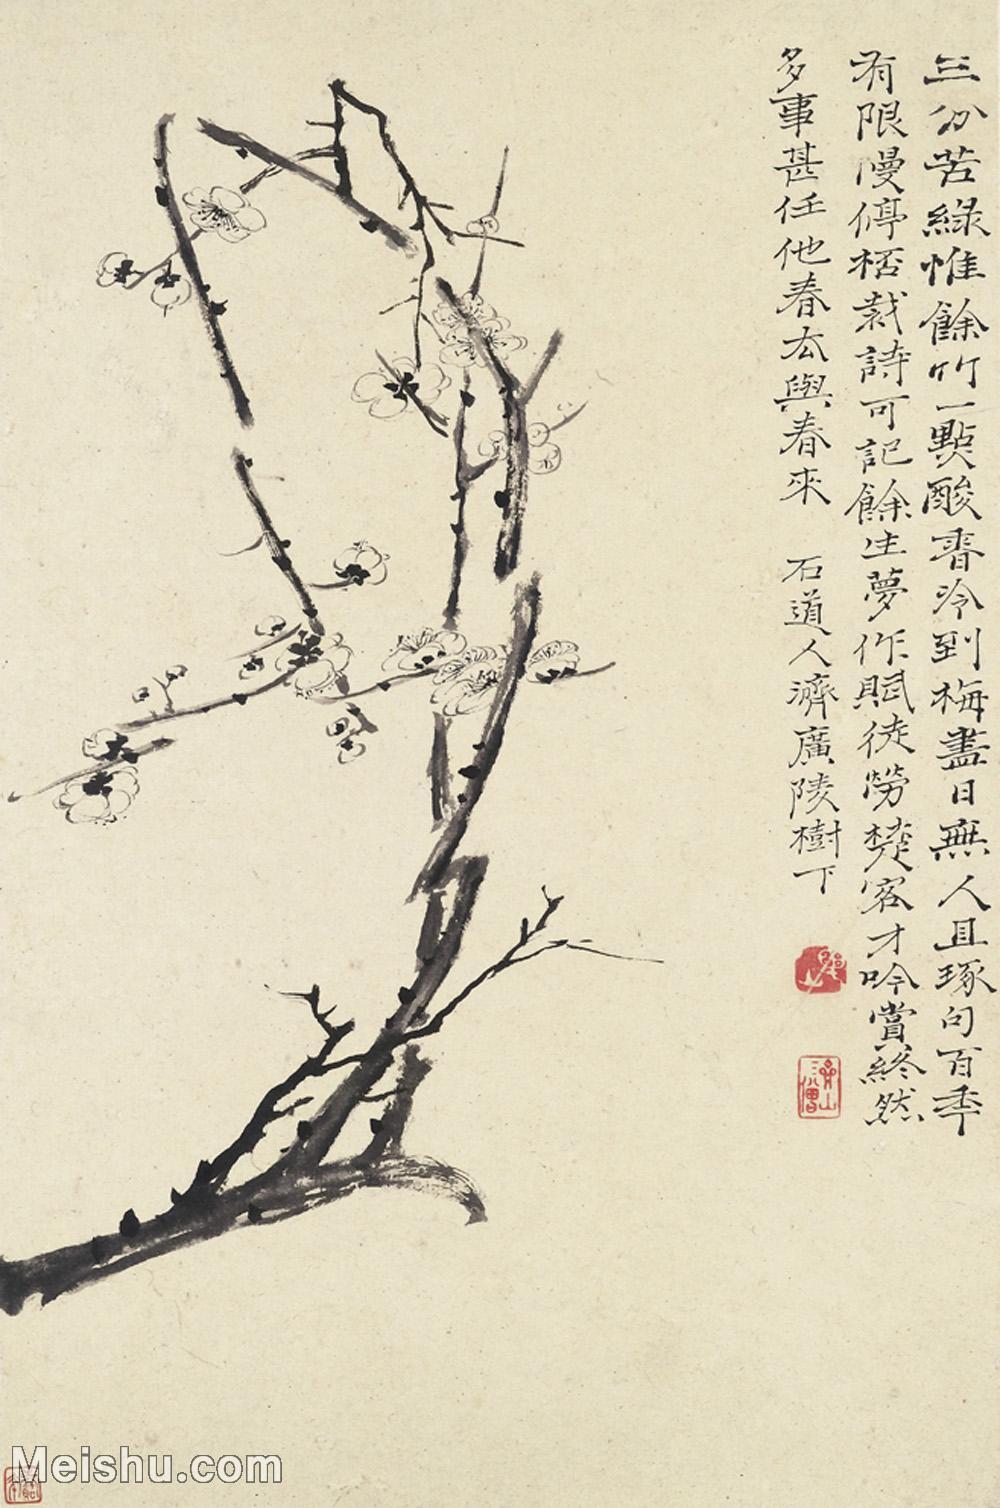 【印刷级】GH6062446古画石涛花卉册(6)册页图片-44M-3199X4823.jpg